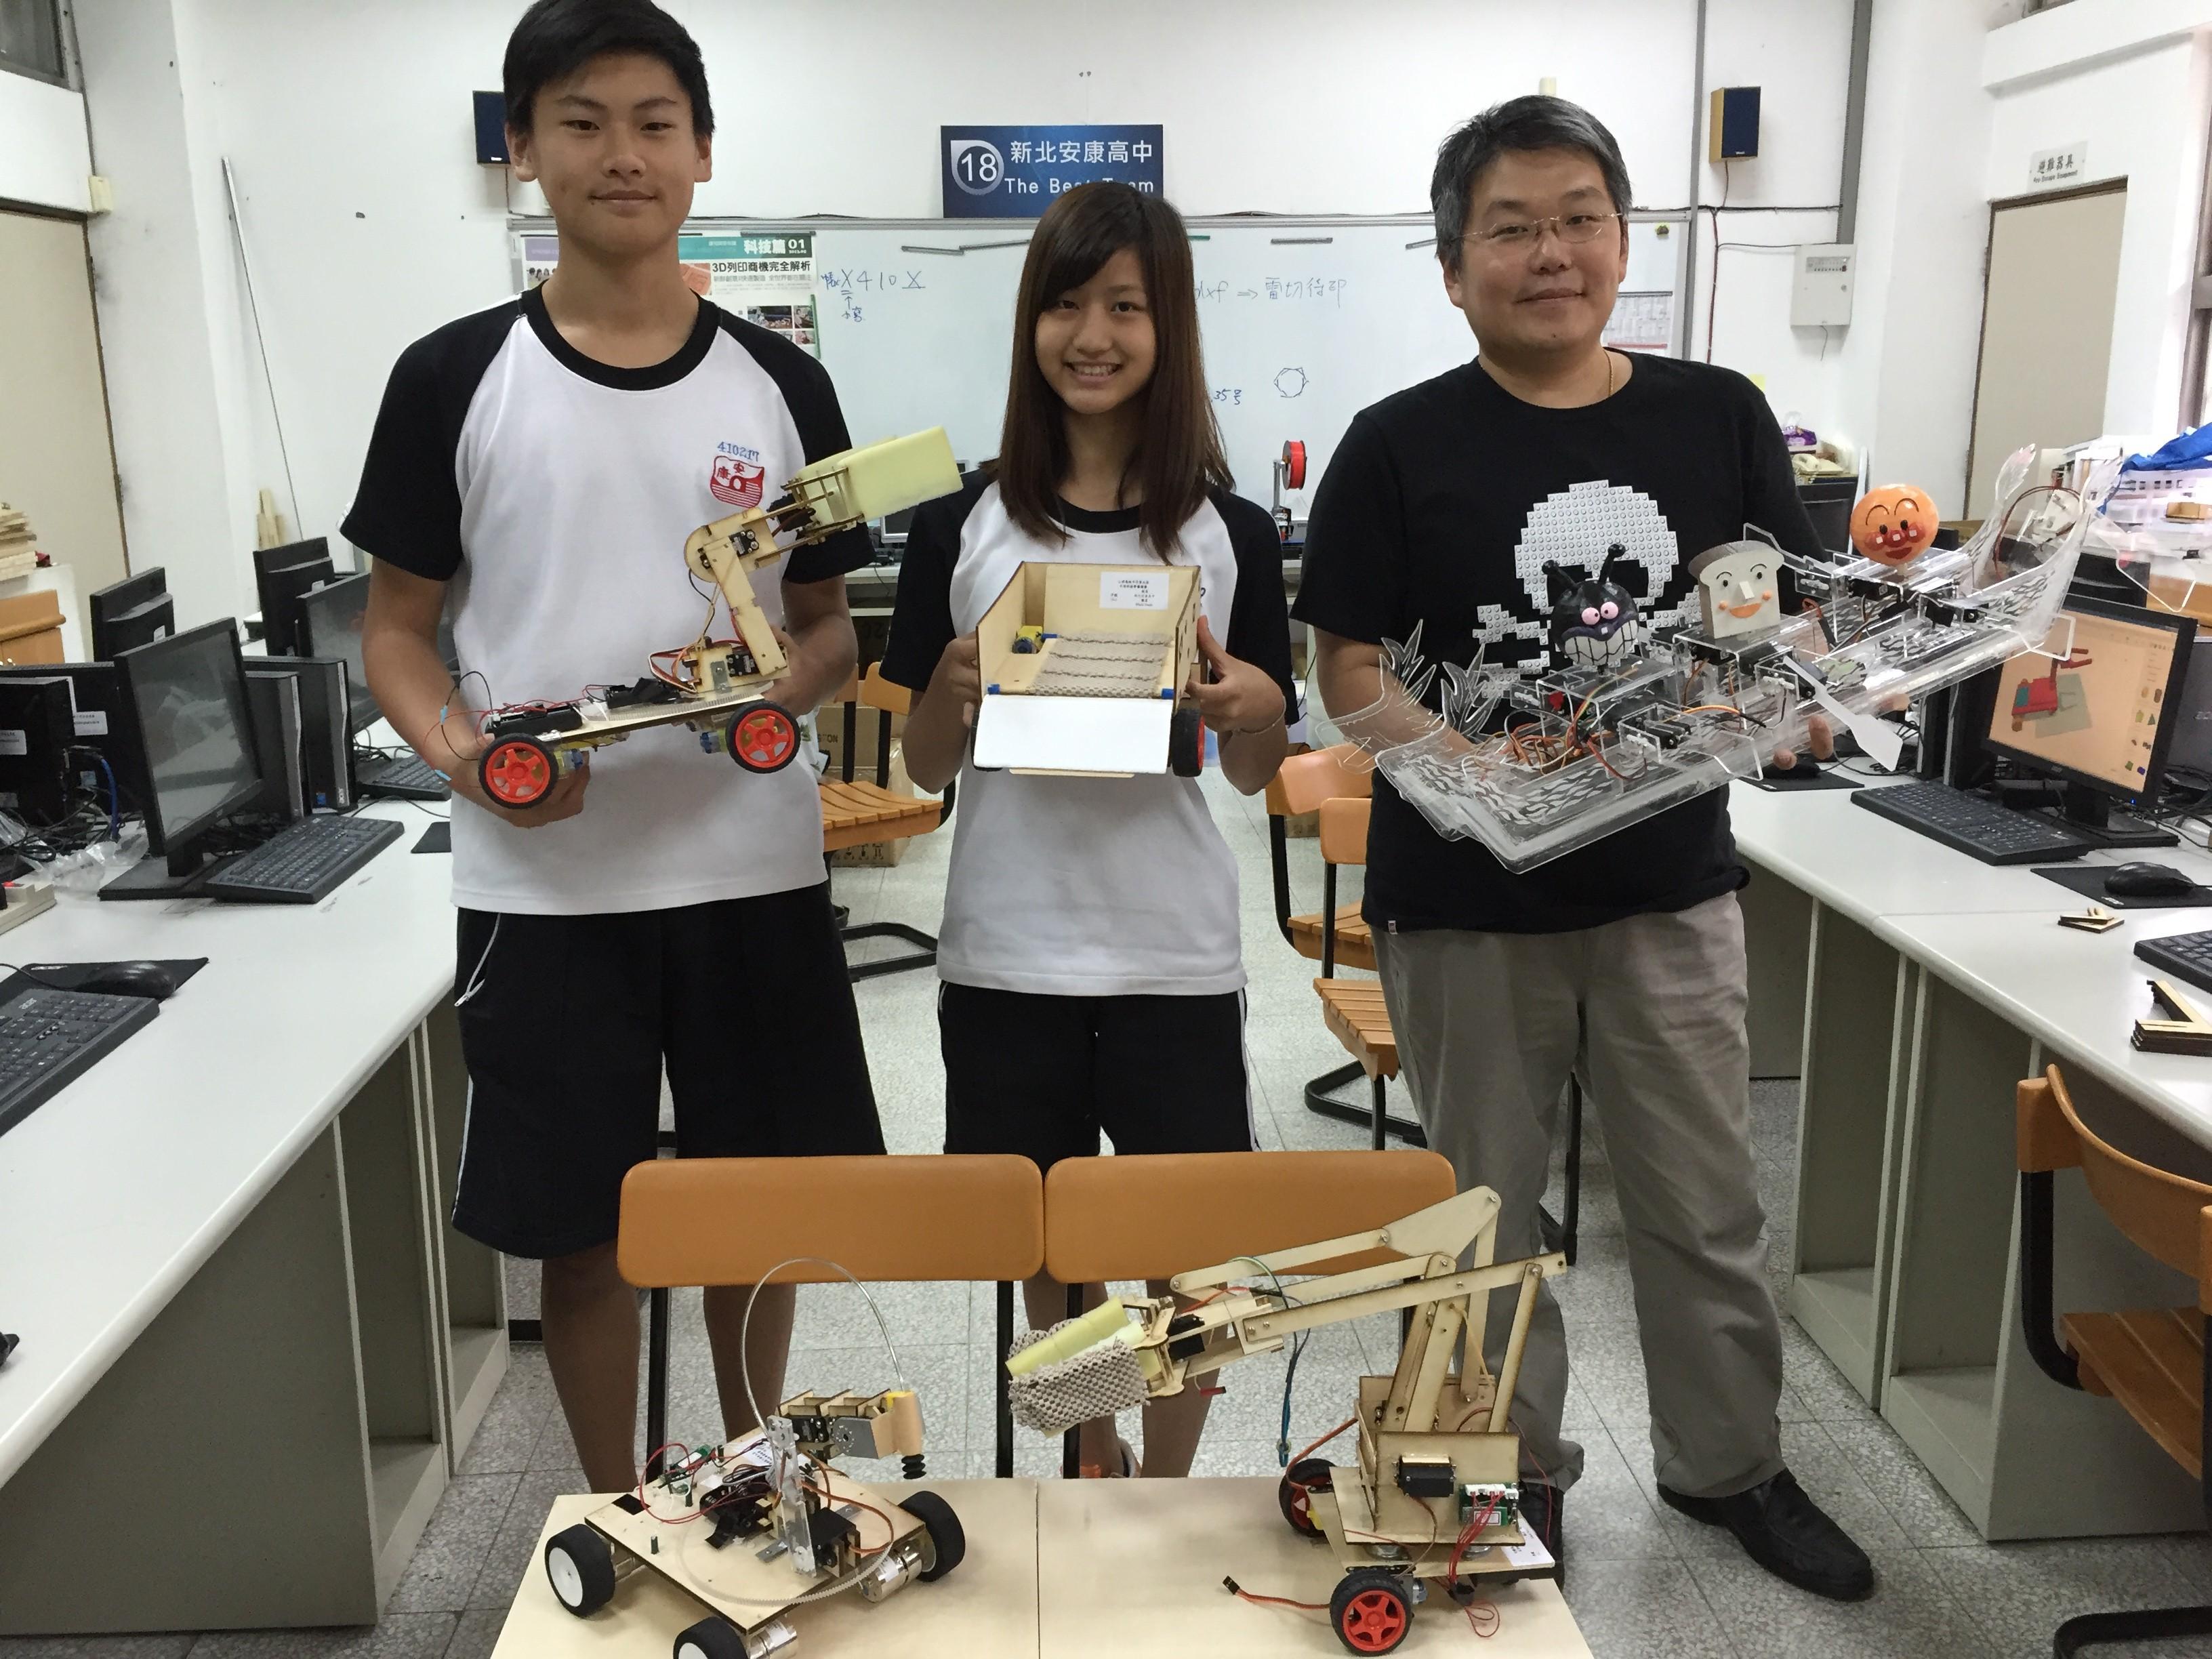 左起為安康高中獲得第 9 屆全國高中生活科技競賽第一名、佳作及最佳團隊創客群邱翌淳、賴沛瑜、老師蘇鼎欽